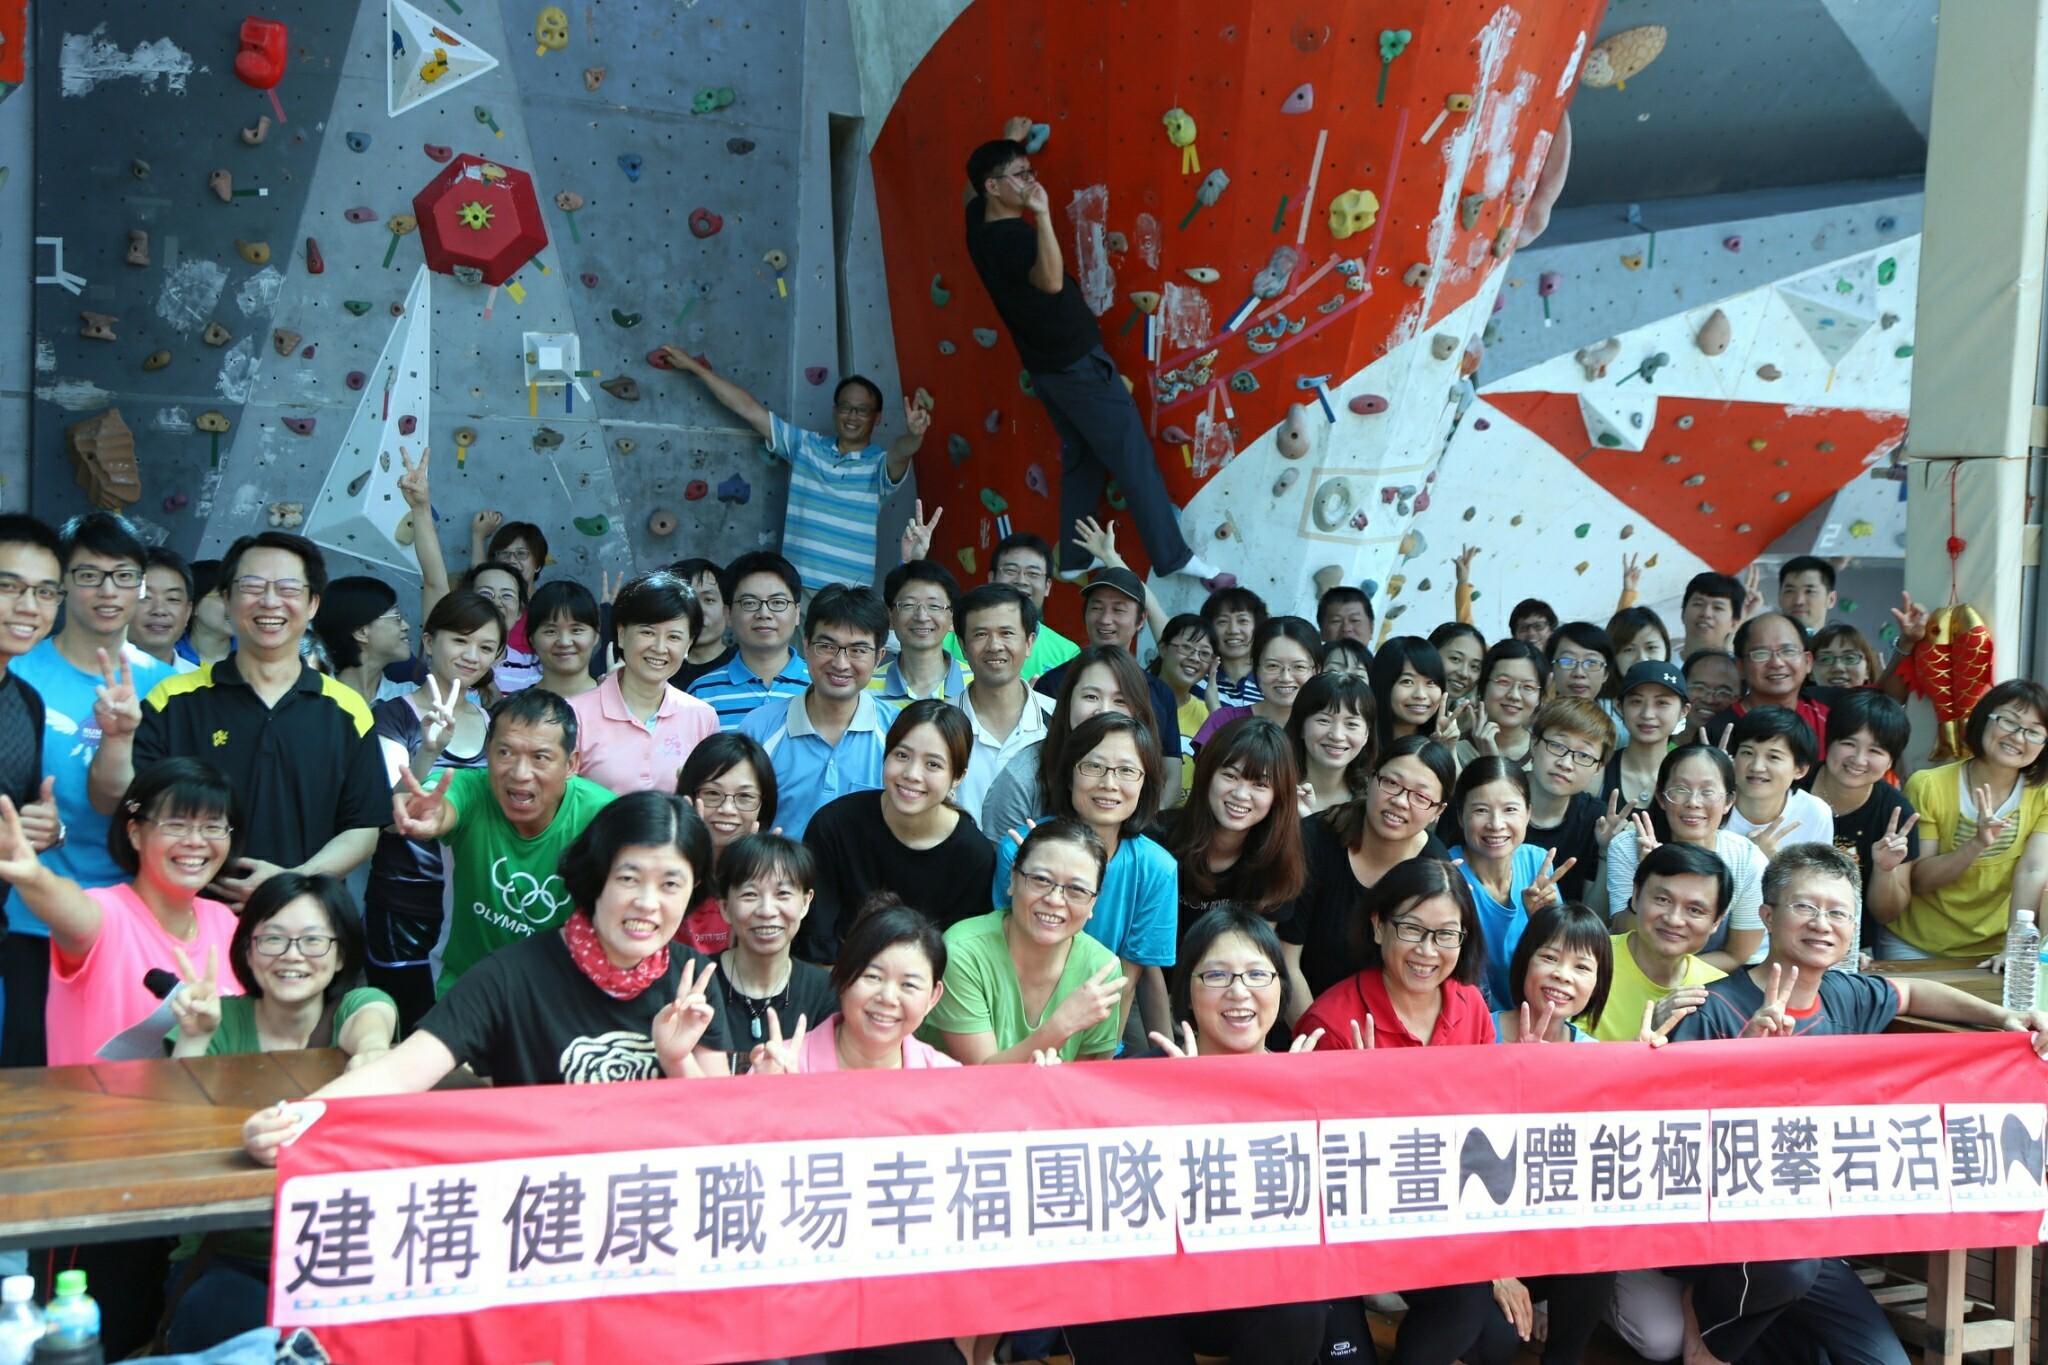 105年06月16日,特舉辦「建構幸福活力向上-體能極限攀岩活動」